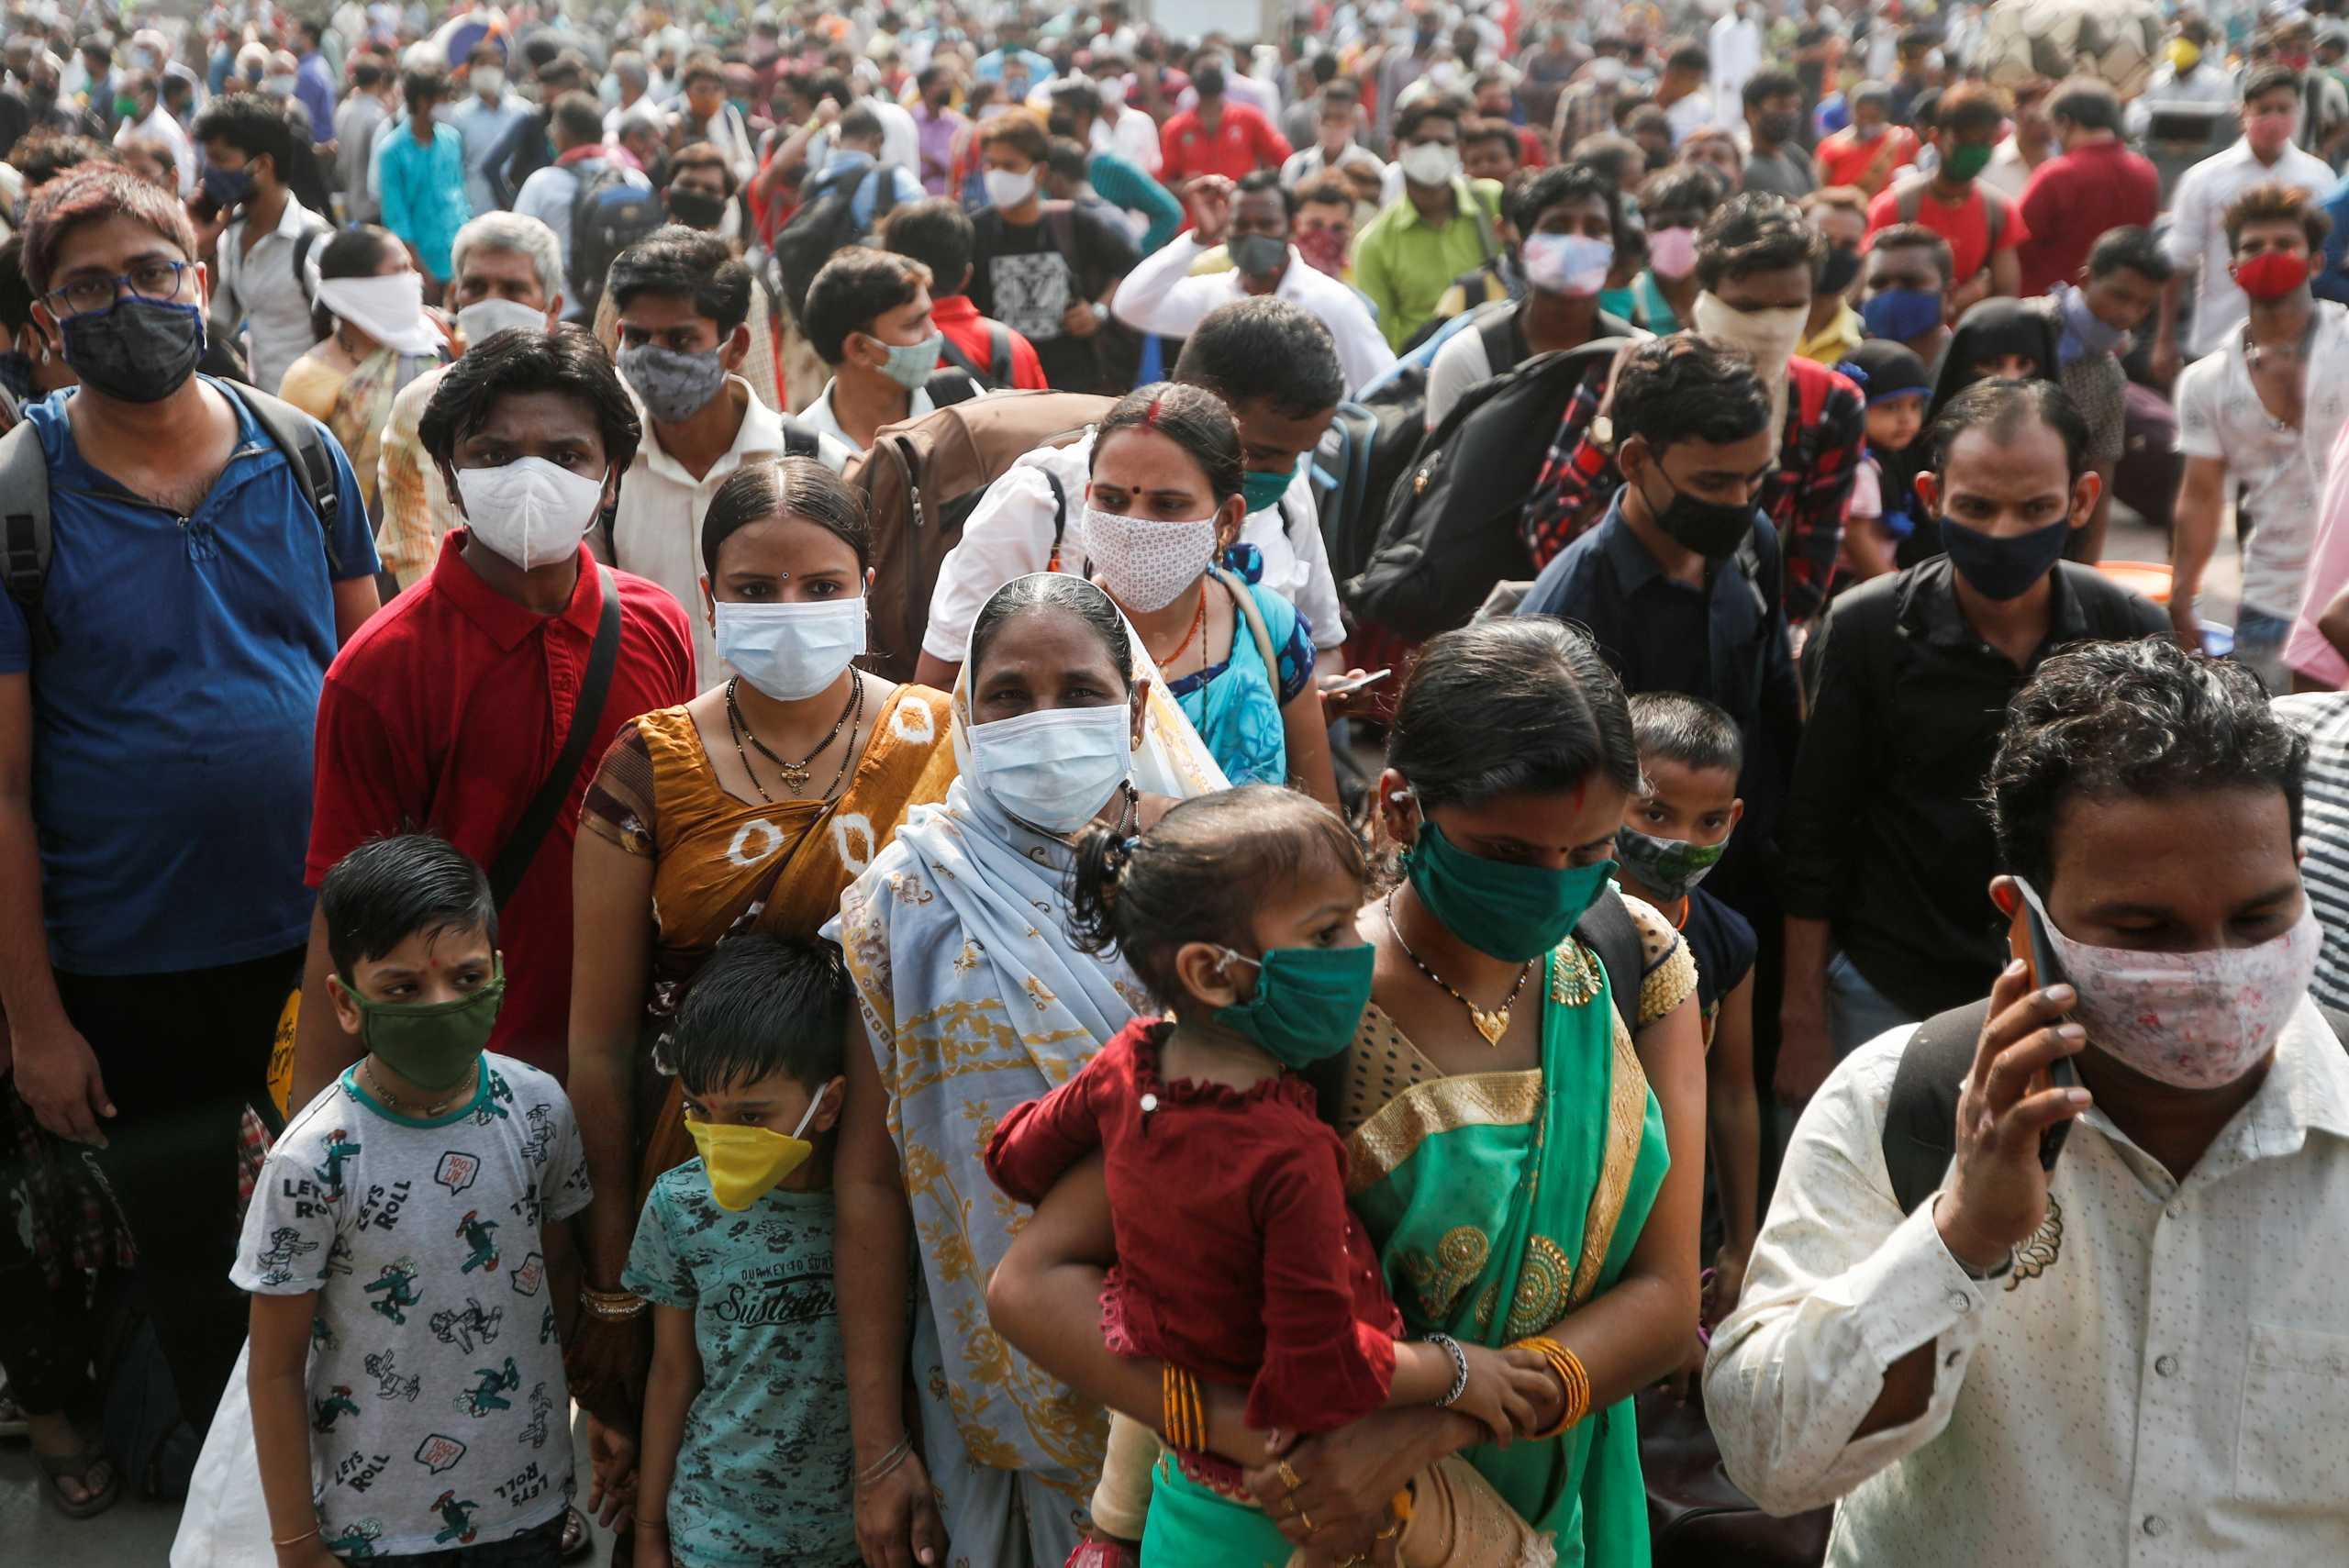 Ινδία: Δεν το χωρά ο νους! Πάνω από 200.000 κρούσματα κορονοϊού το τελευταίο 24ωρο